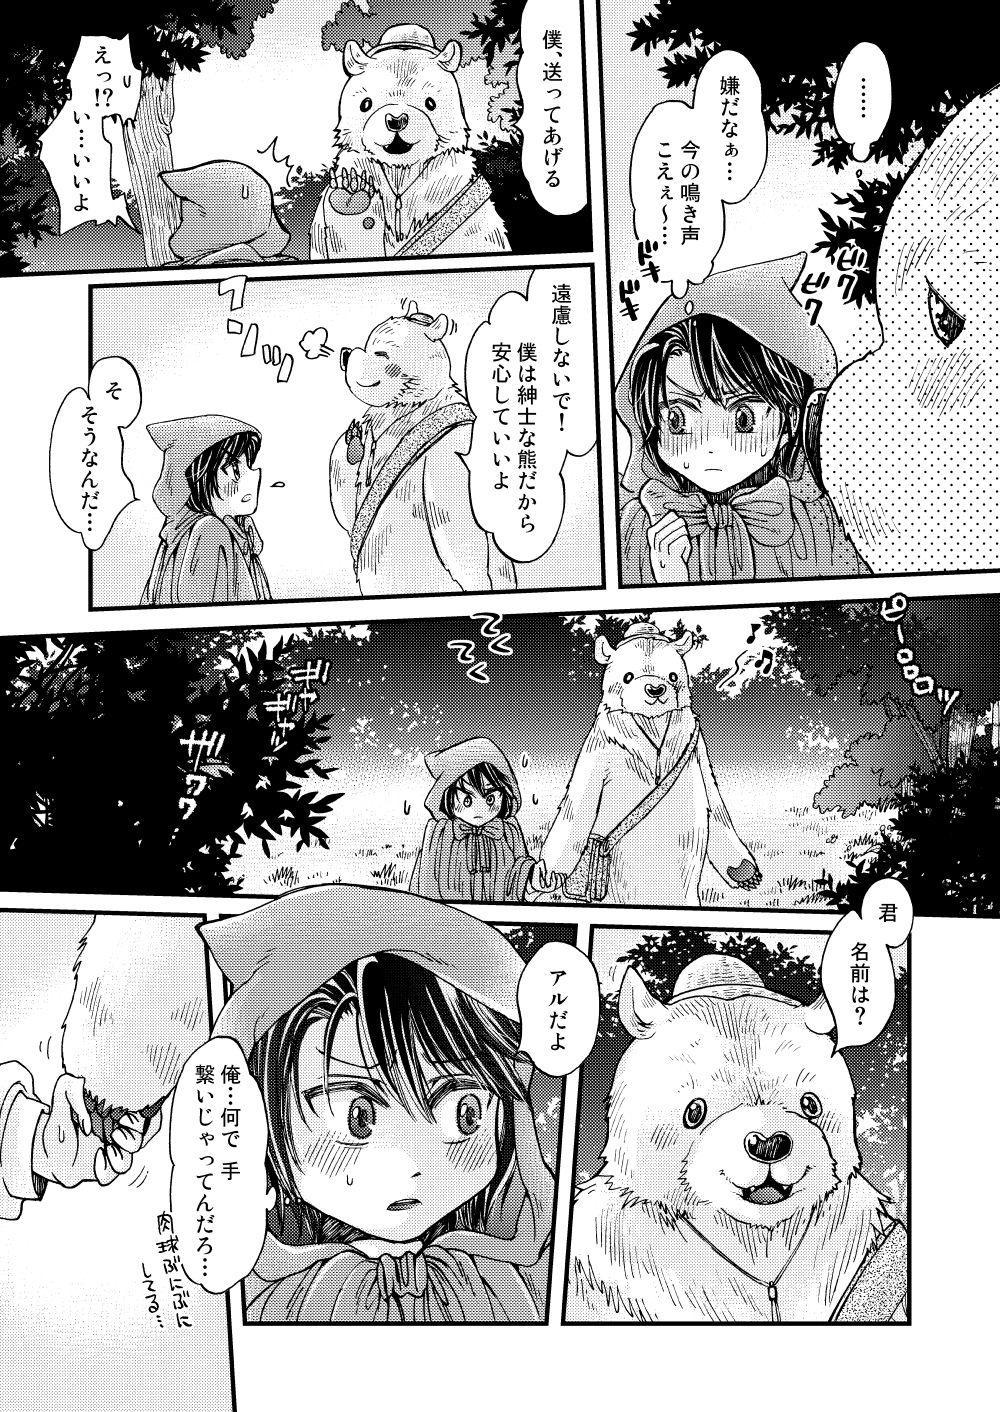 Mori no Kuma-san ni Aisare Sugite Mofu Mofu 8